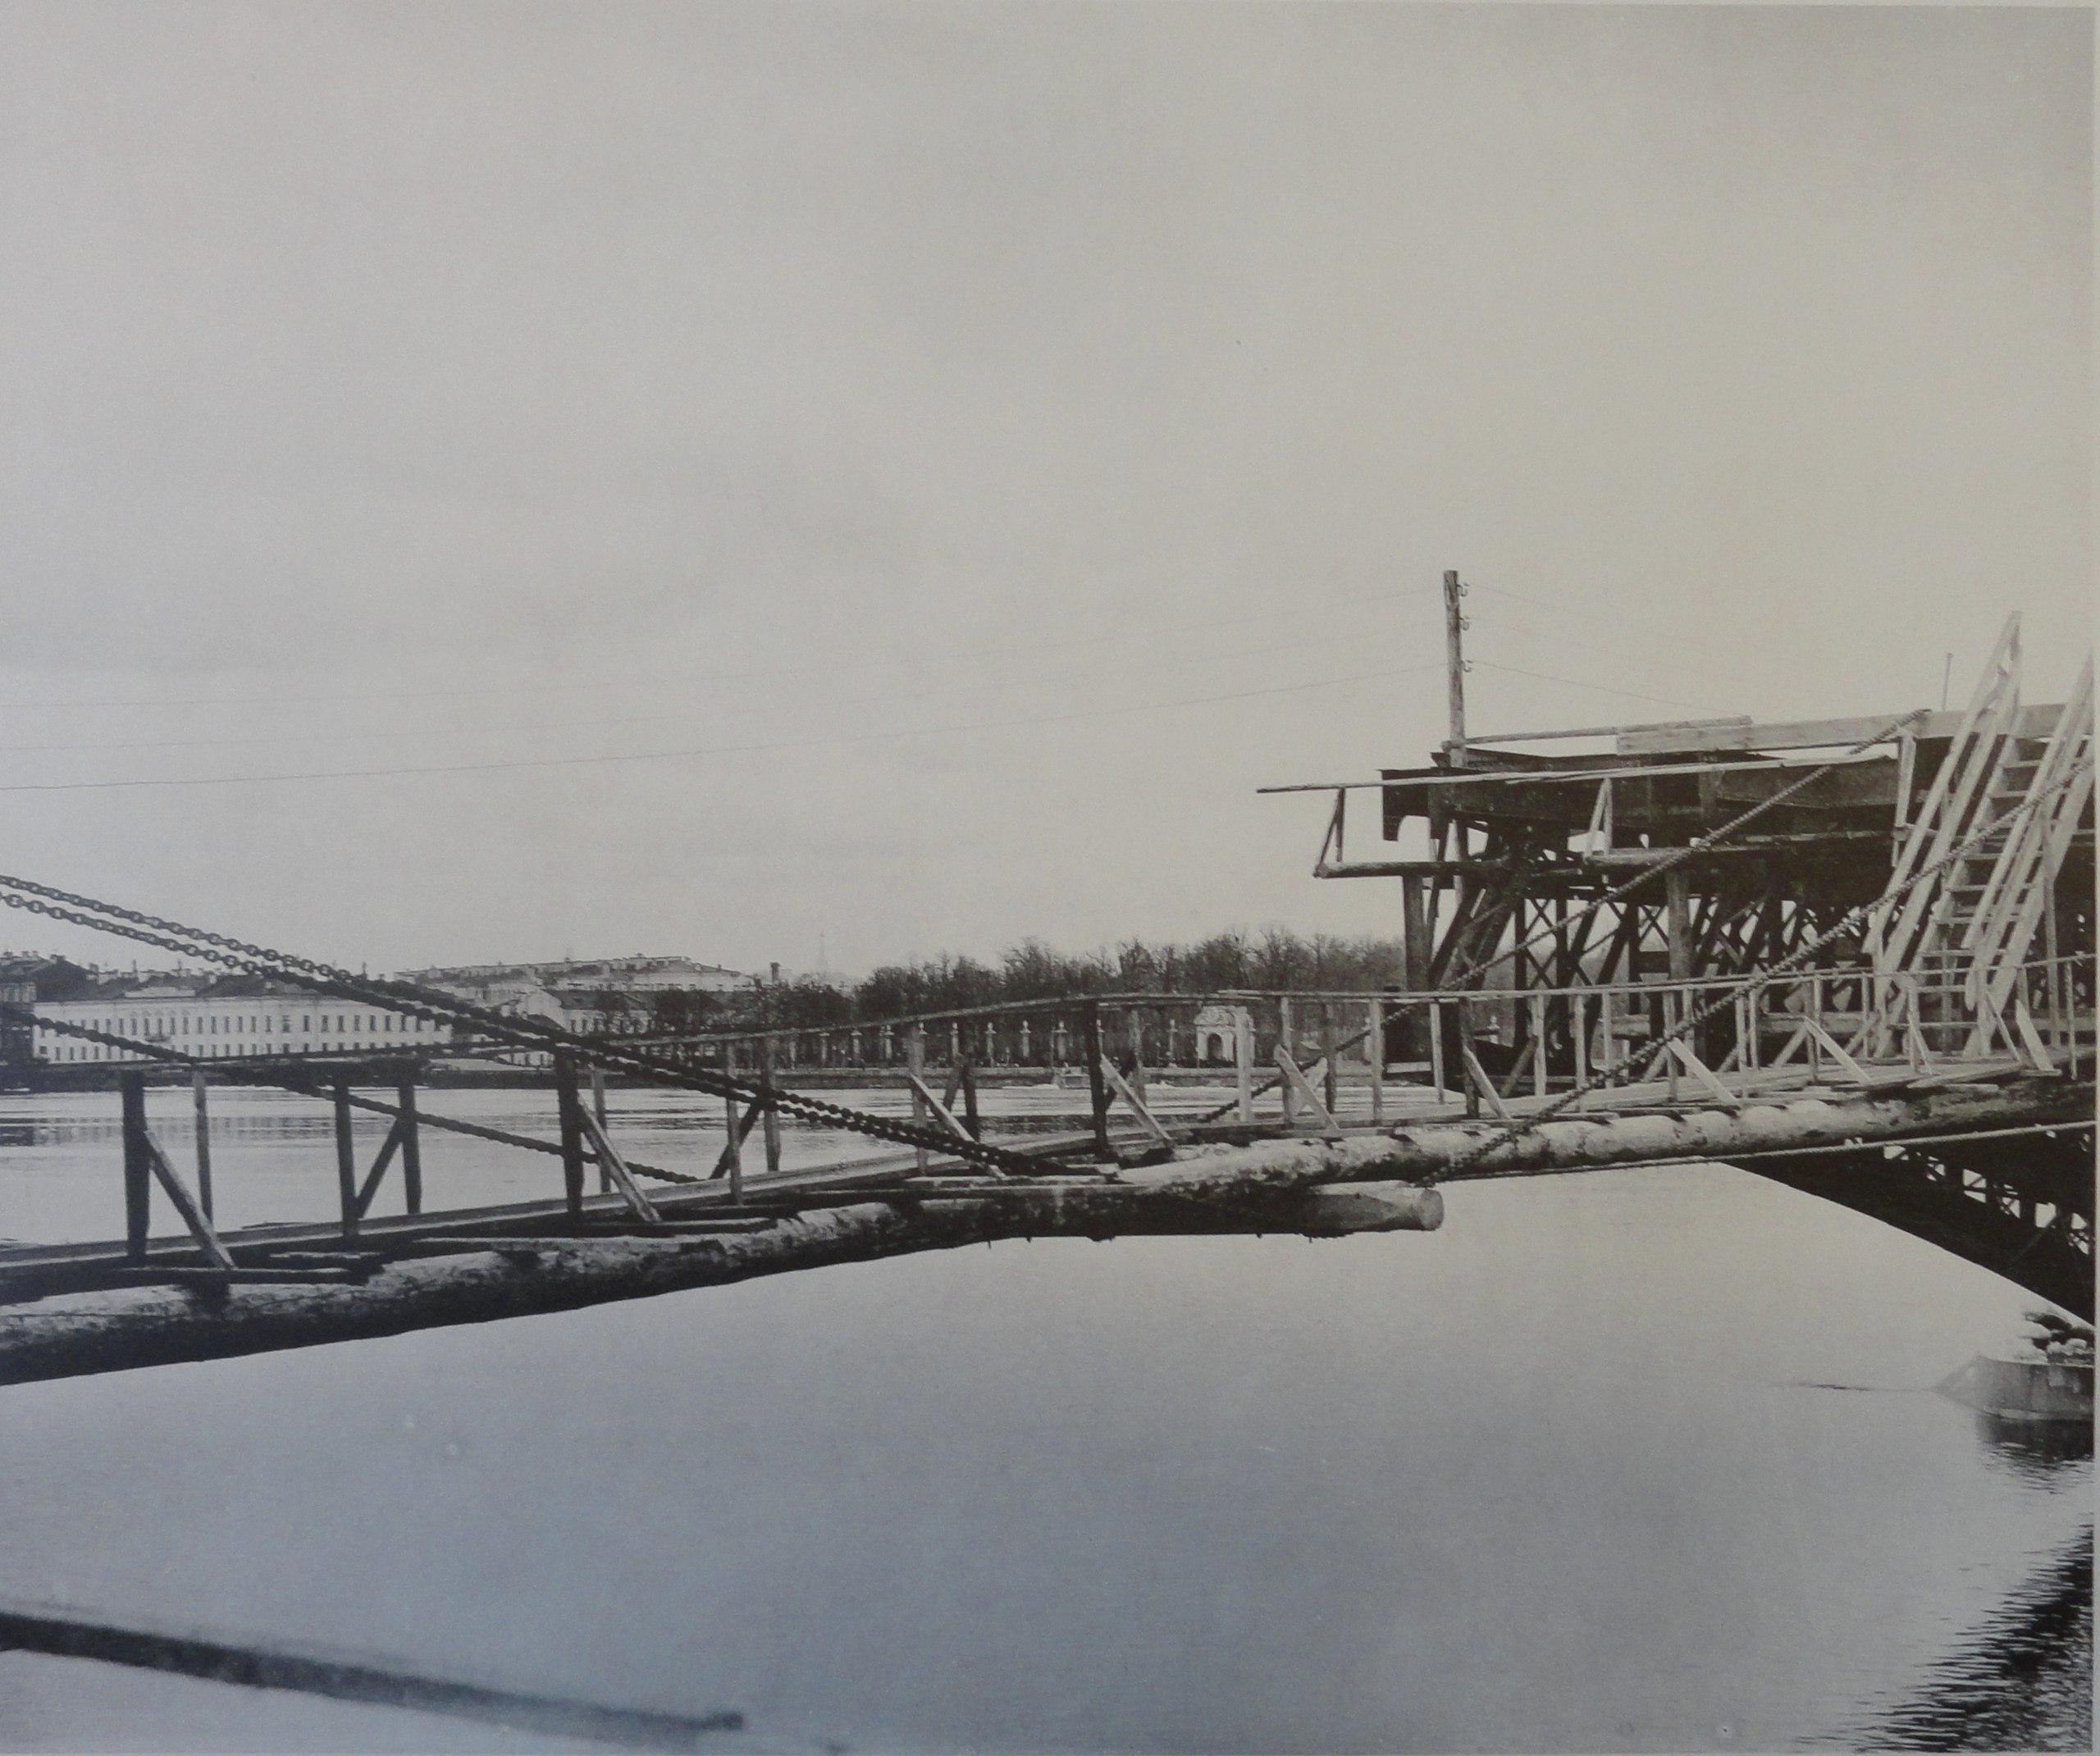 1901. Временный висячий мостик между консолями правого крайнего и среднего пролетов. 8 апреля